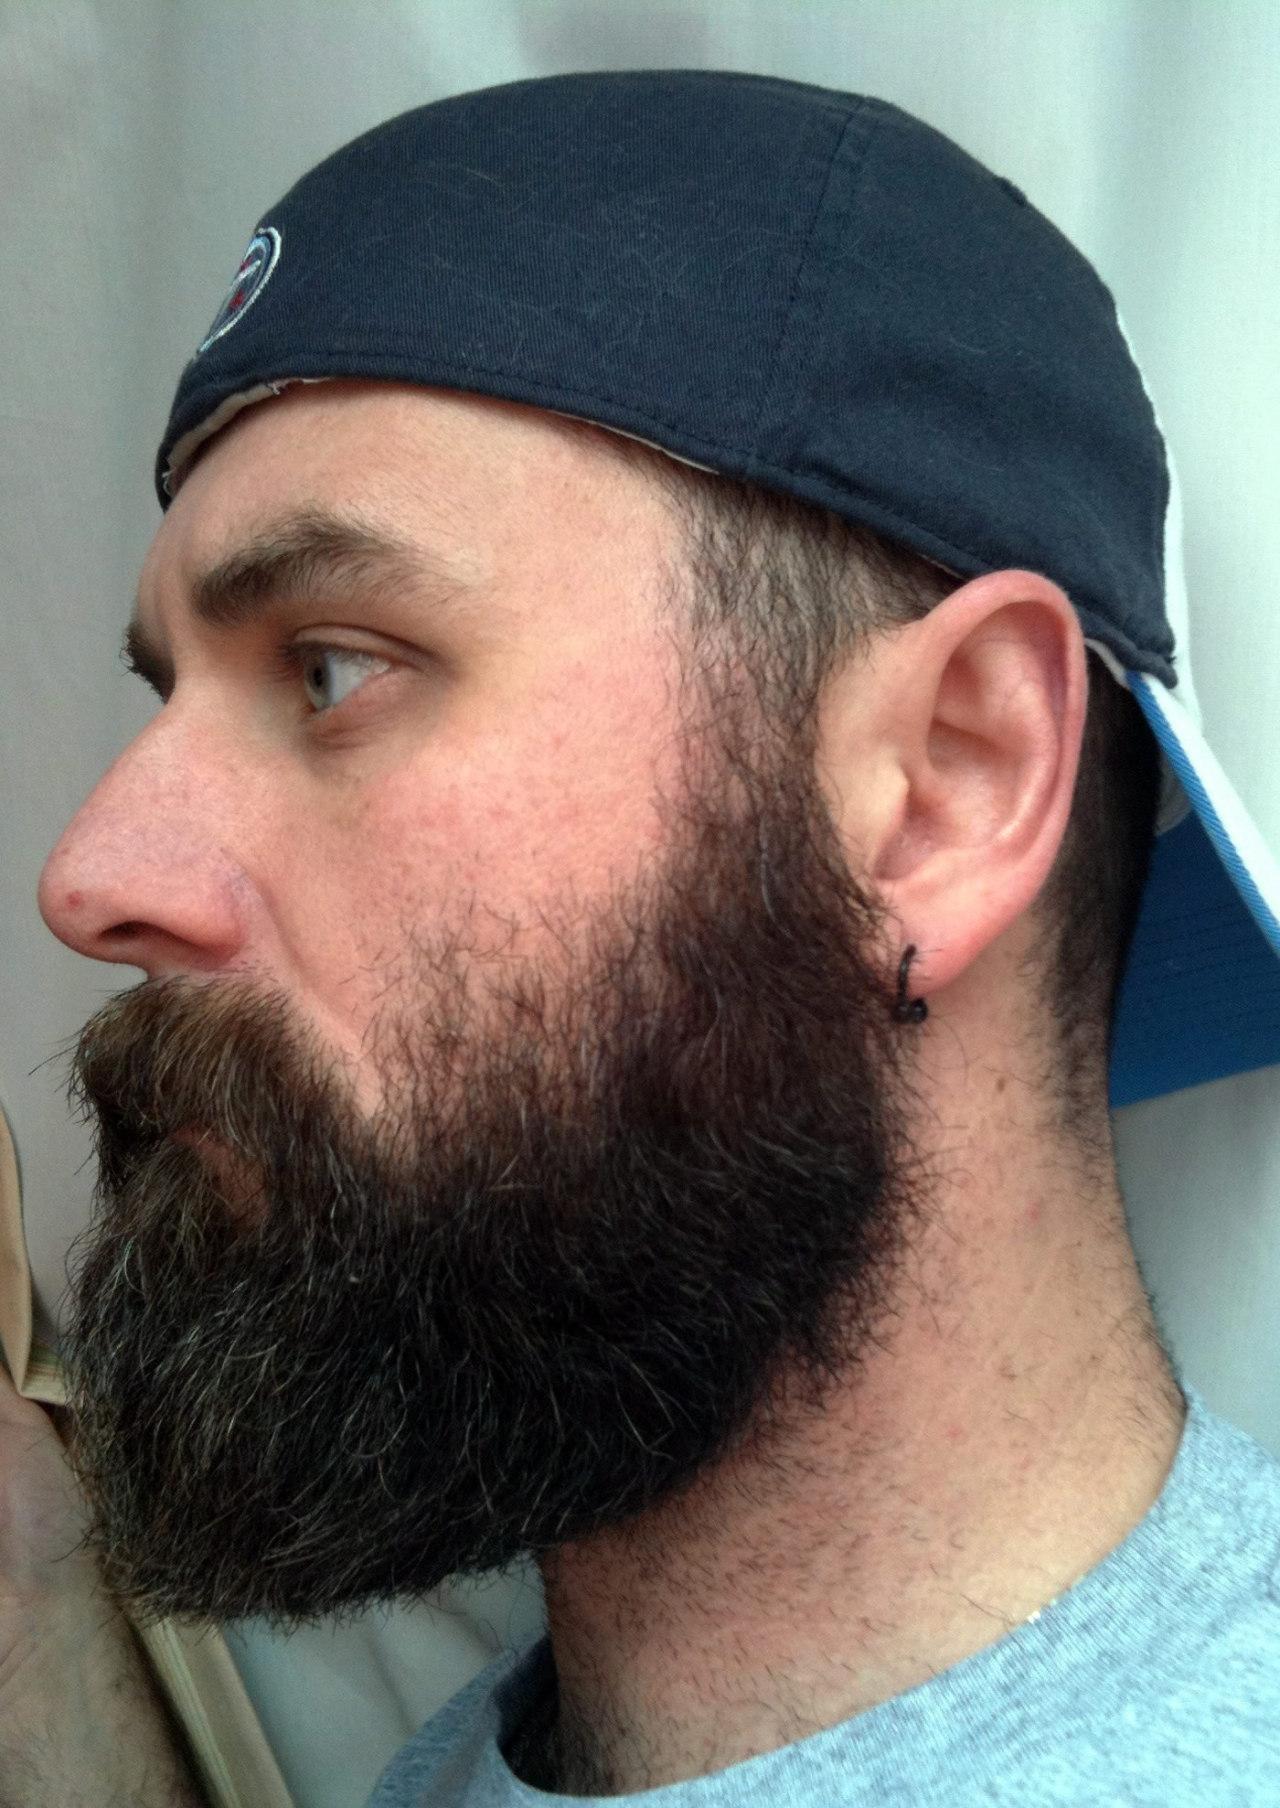 2018-06-04 05:23:10 - 77225017657 beardburnme http://www.neofic.com